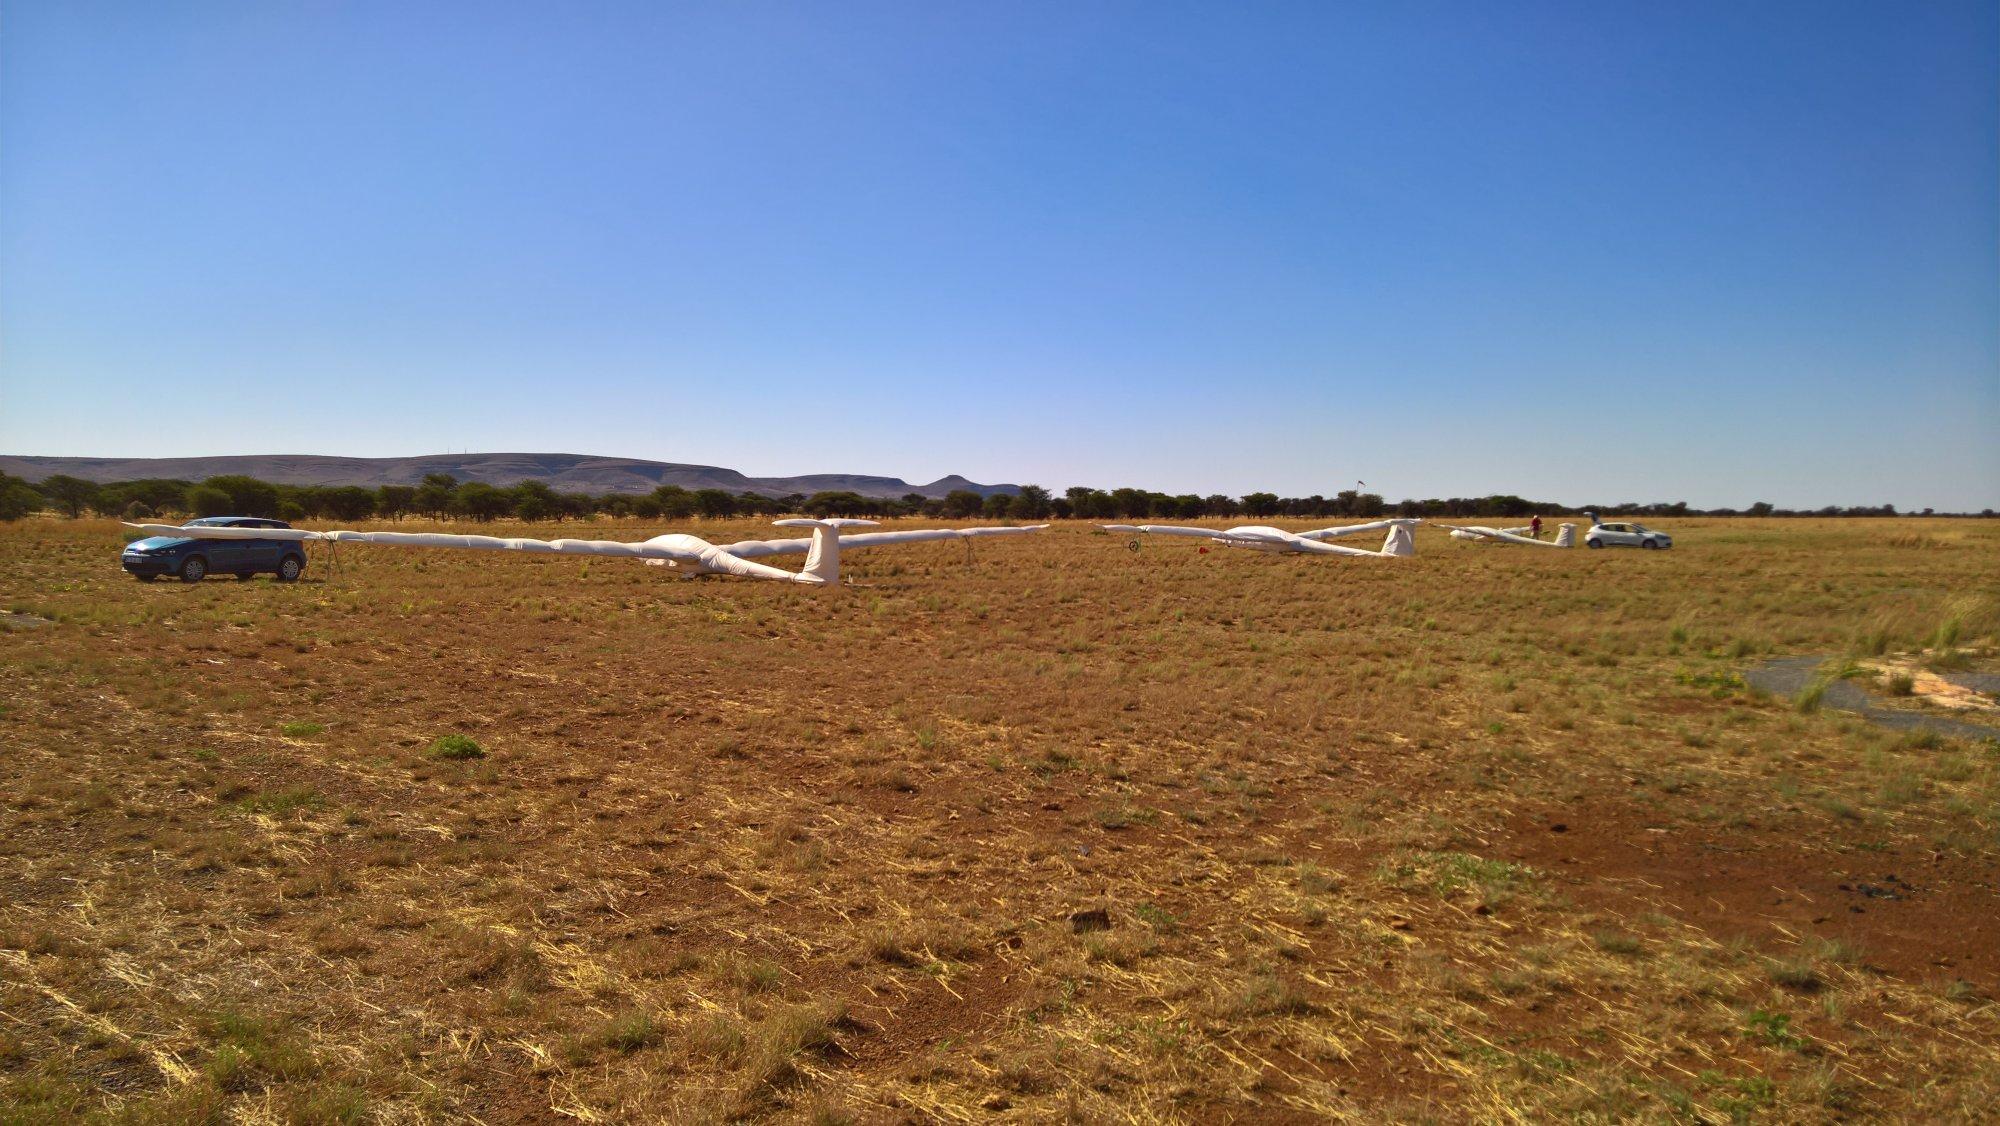 die Flieger stehen fertig aufgerüstet auf Parkposition